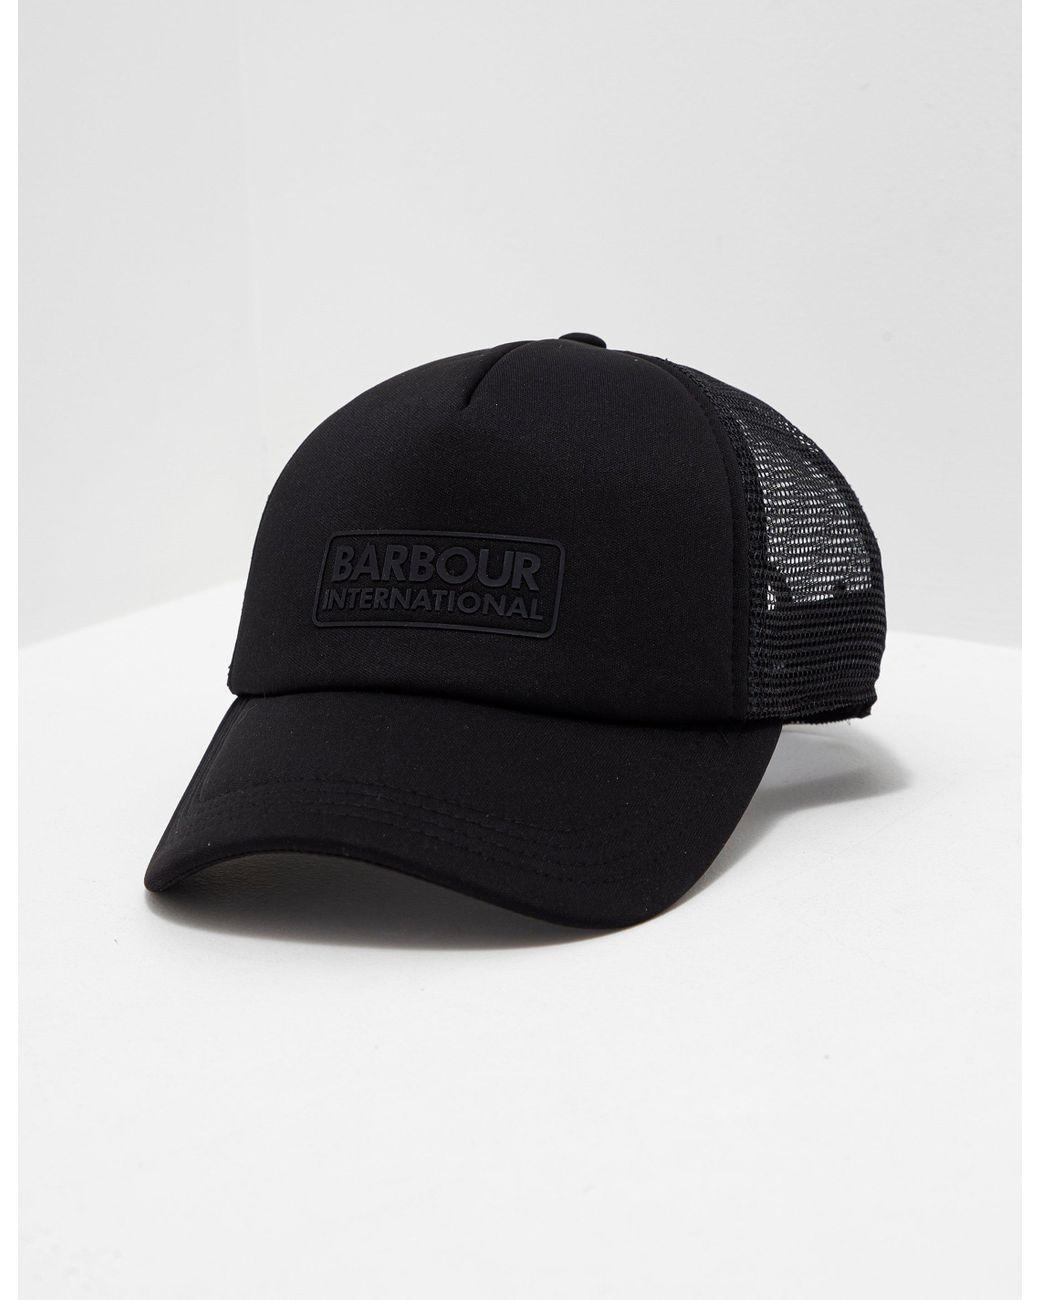 20b4c7611d9b11 Barbour Heli Trucker Cap Black in Black for Men - Lyst